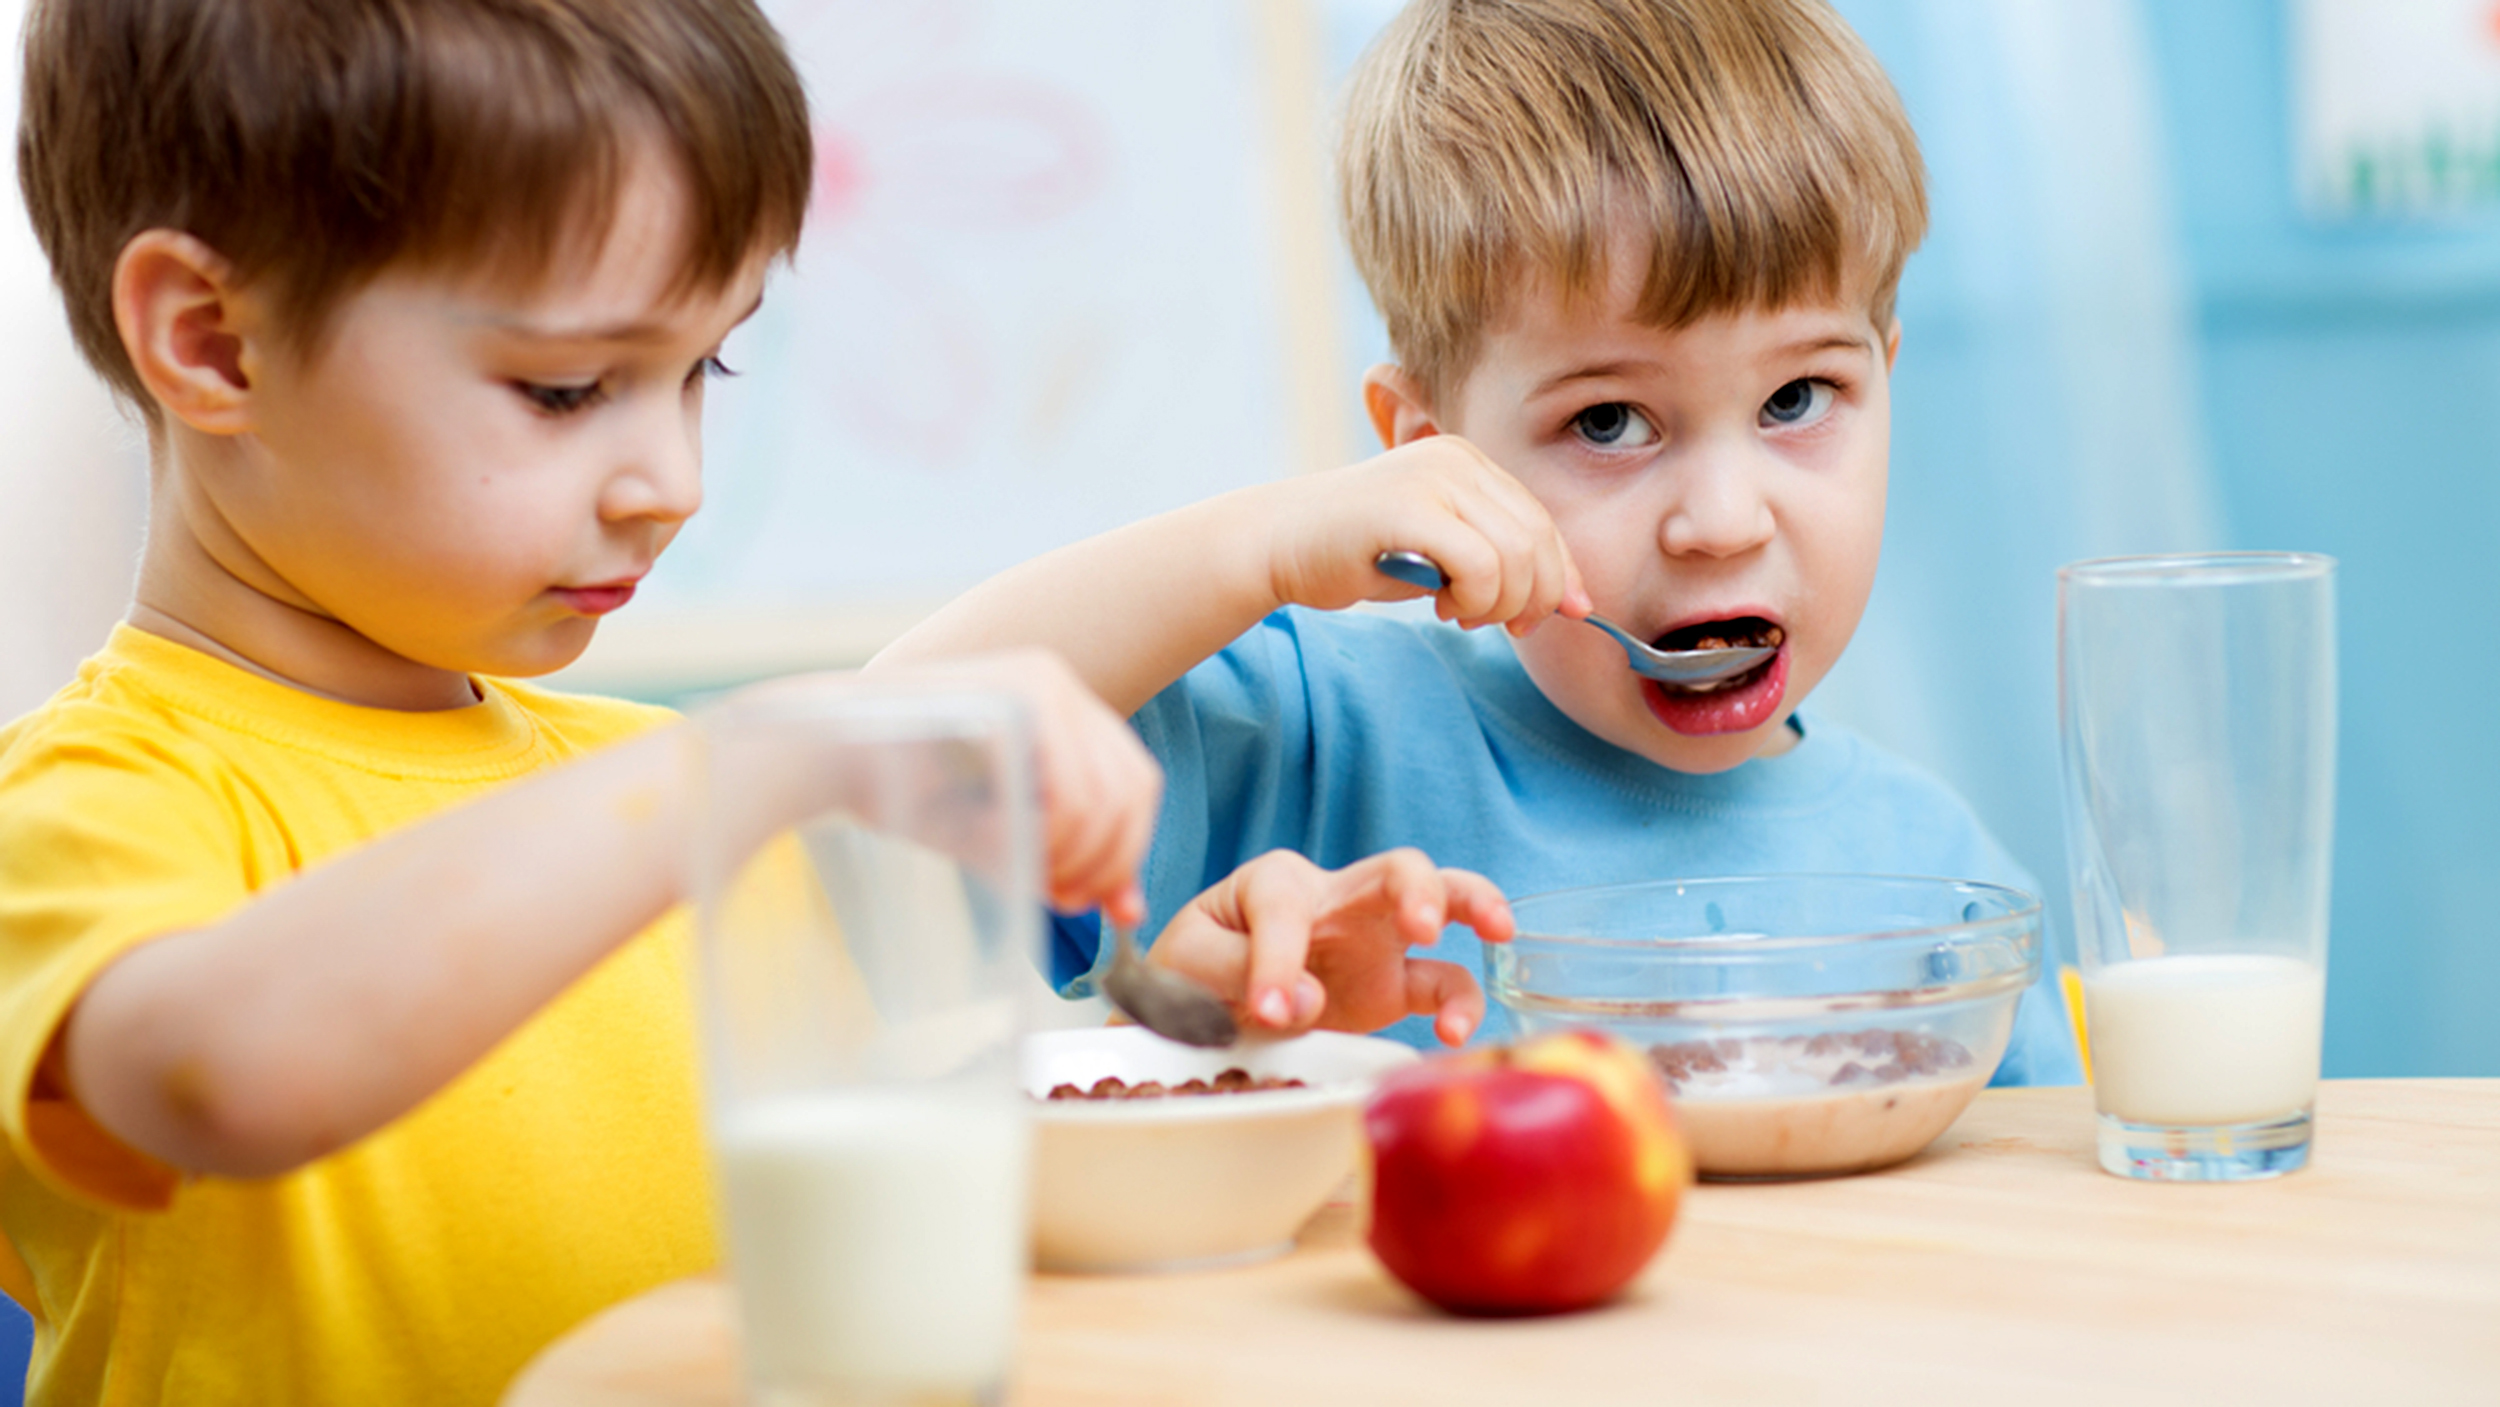 فوائد الرمان للاطفال